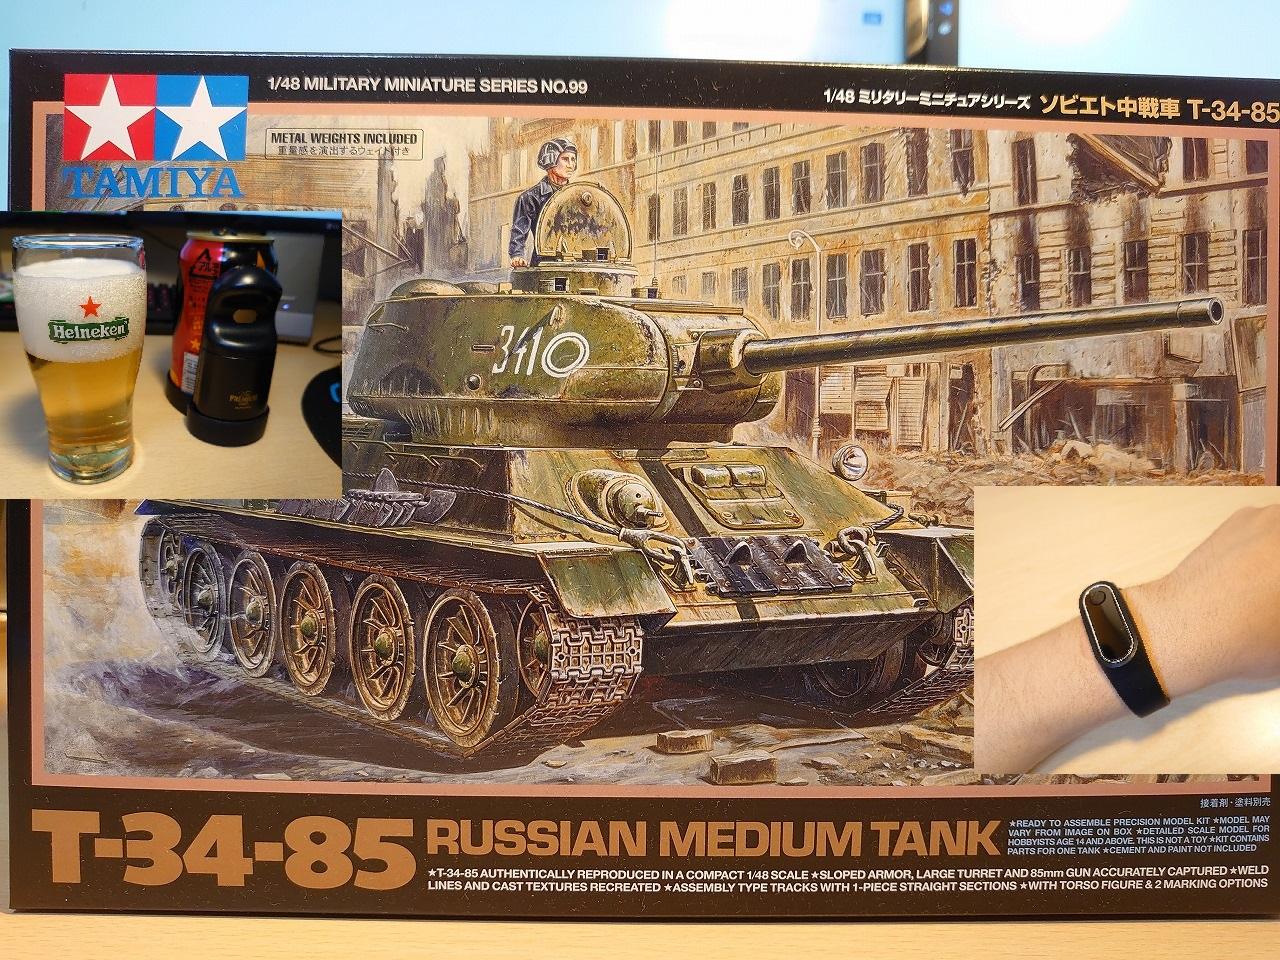 【最近購入した物】タミヤ 1/48 ソビエト中戦車 T-34-85と静電気除去ブレスレット